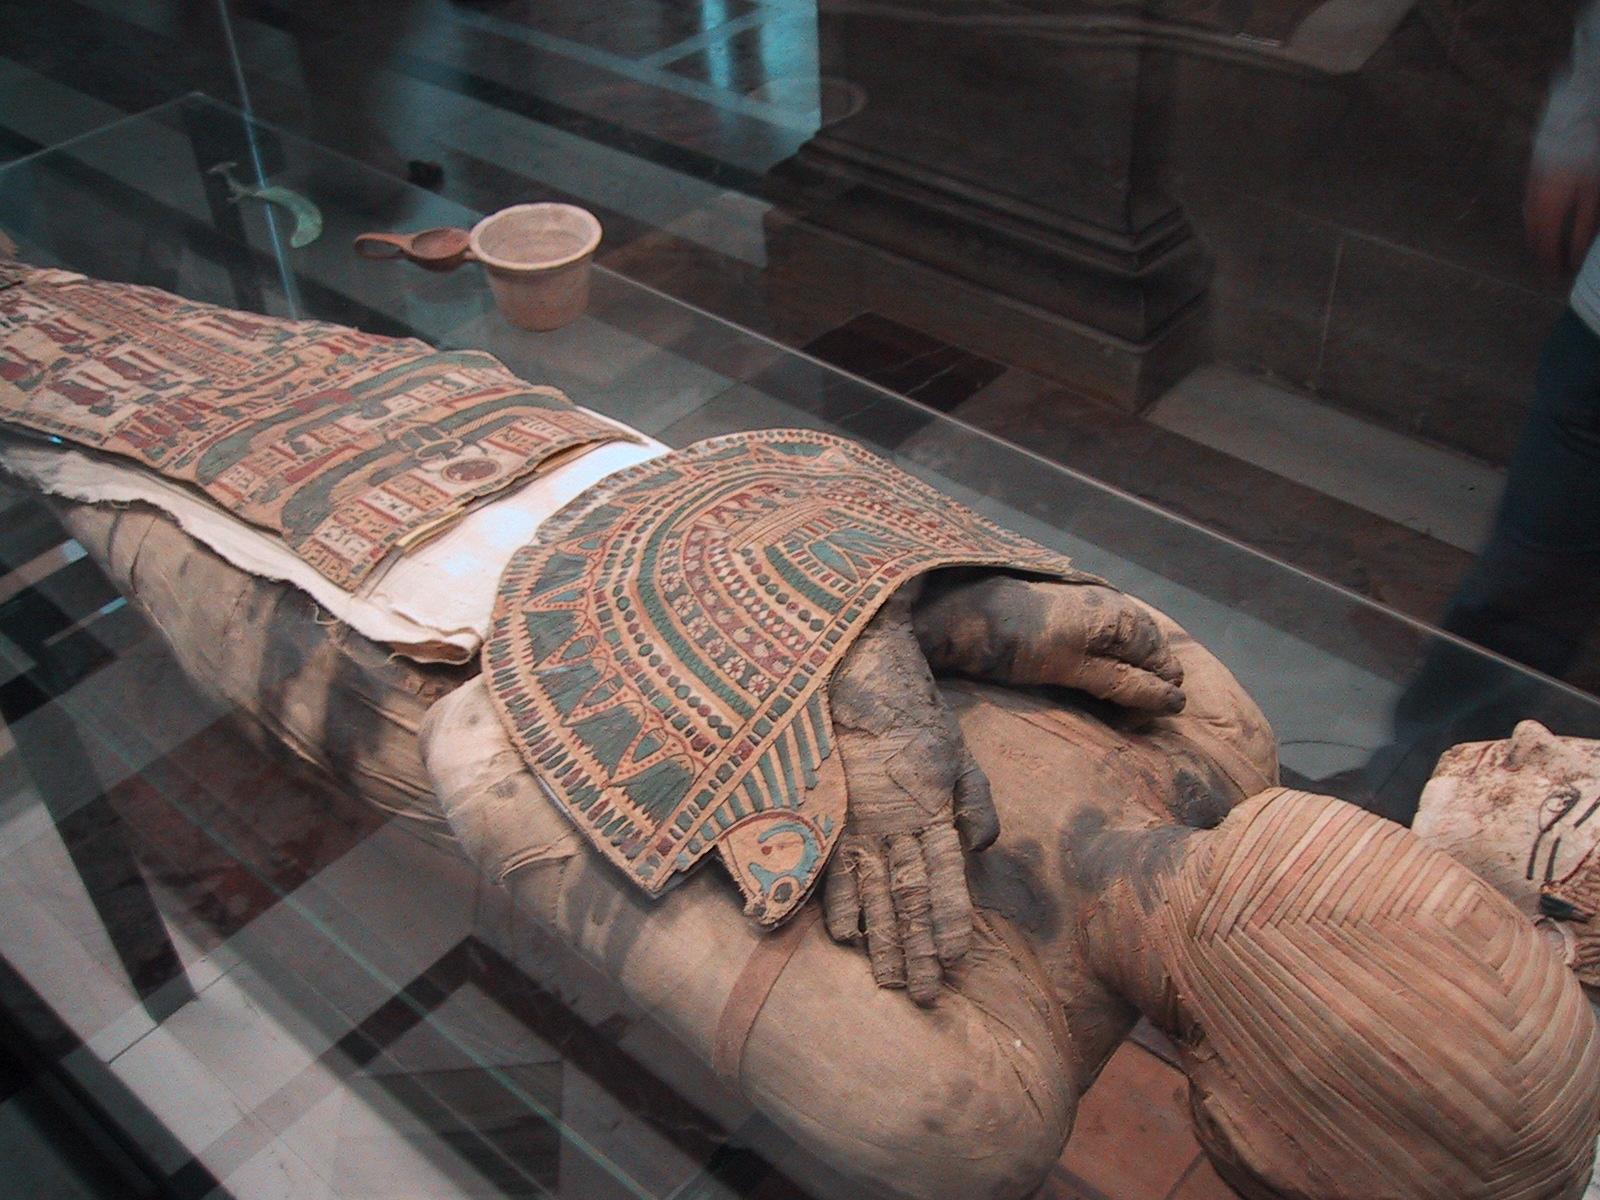 mummification research paper